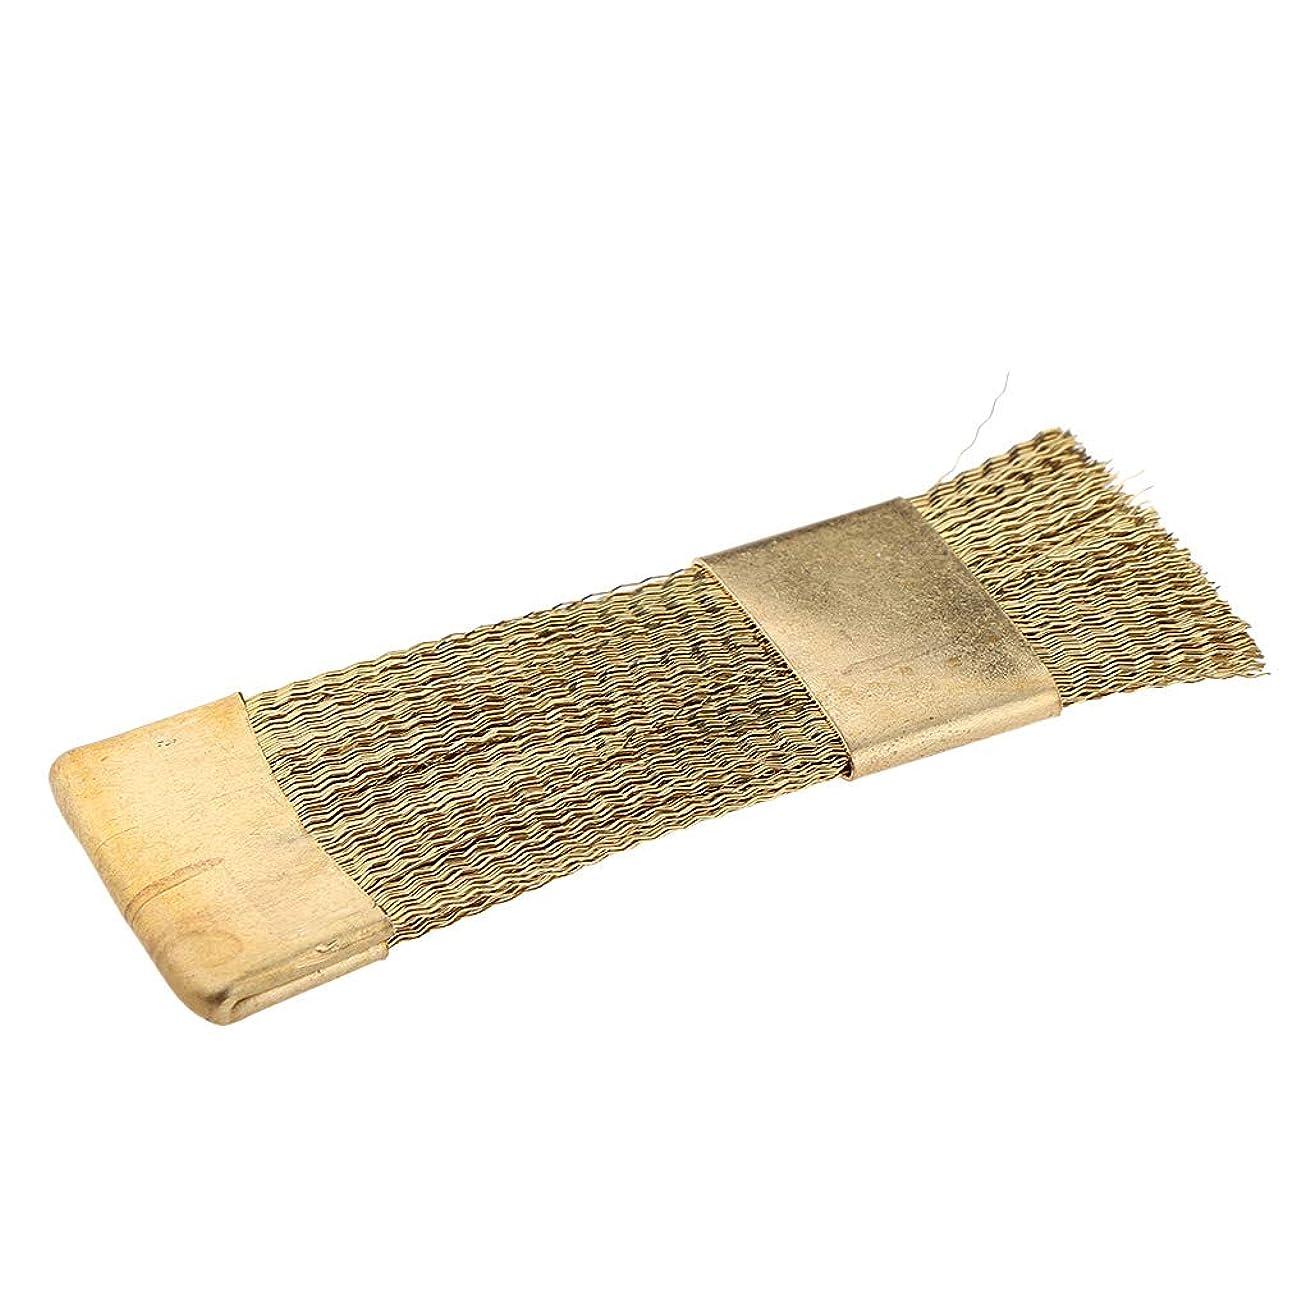 ランチョン護衛ぬれたB Baosity プロ ネイルアート ドリルビット クリーニングツール 銅ワイヤー ブラシ ネイル道具